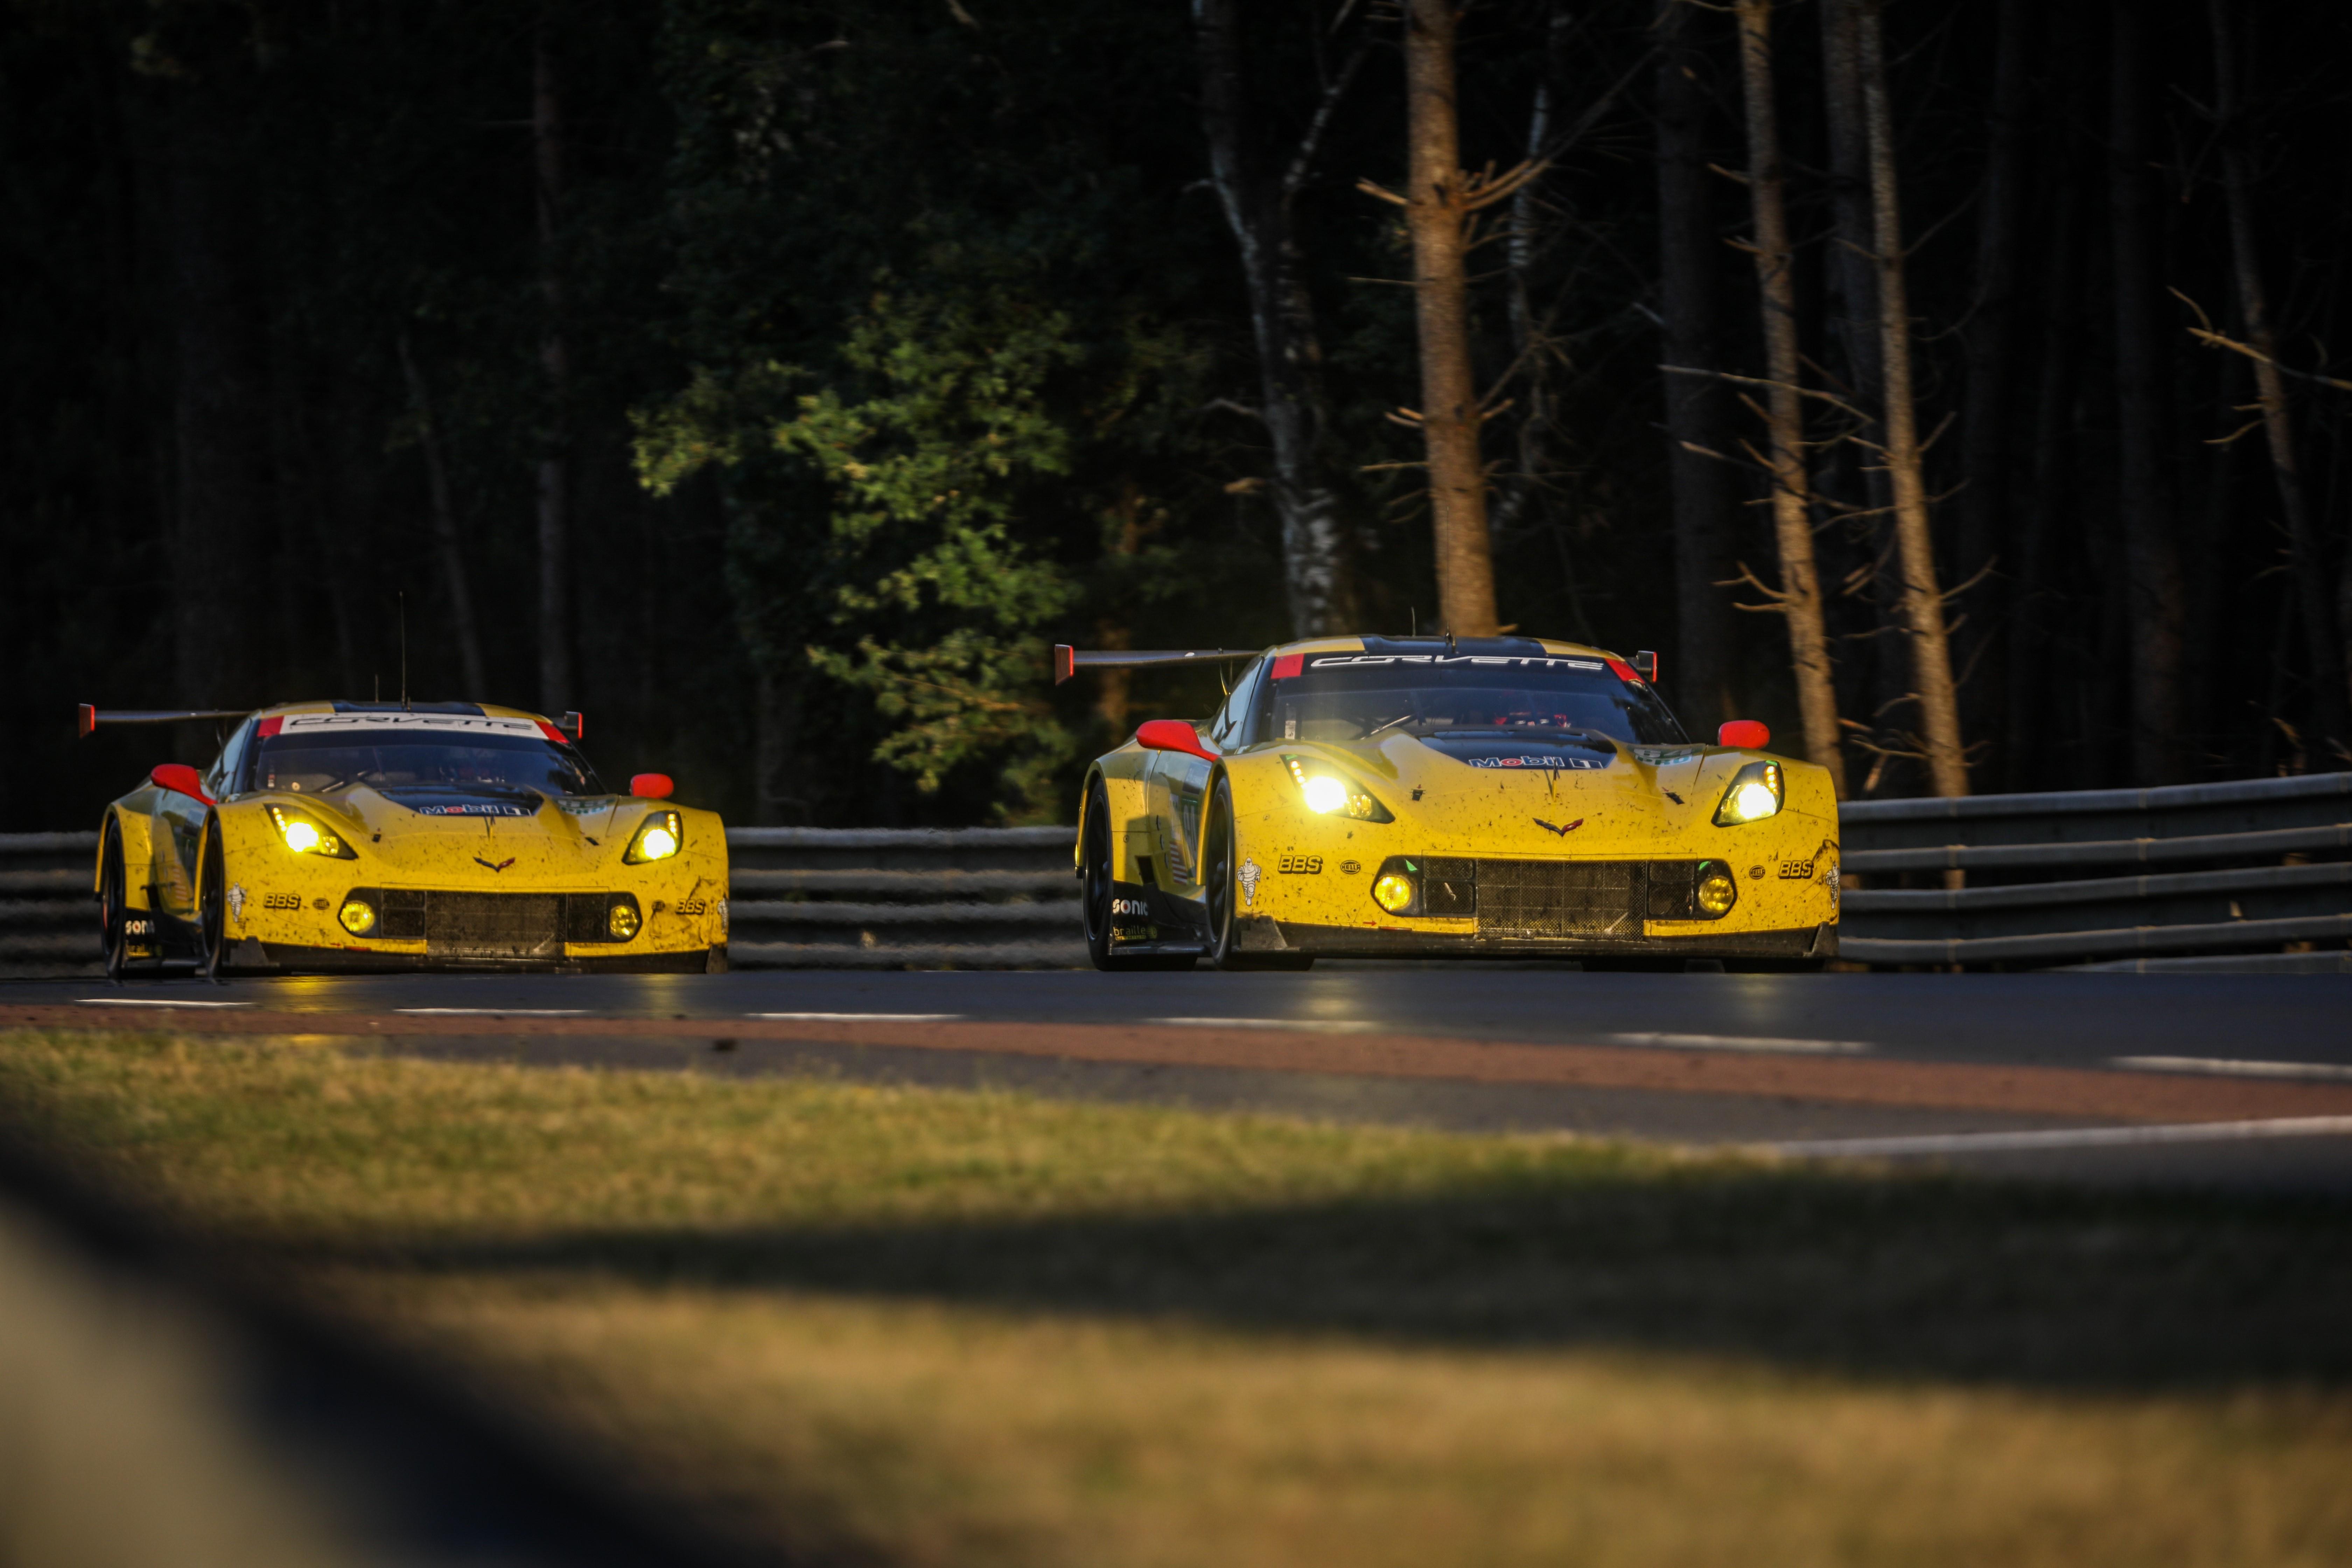 La Chevrolet Corvette n°63 de Jan Magnussen, Antonio Garcia et Jordan Taylor devant celle de la n°64 de Oliver Gavin, Tommy Milner et Marcel Fässler aux 24 Heures du Mans 2017